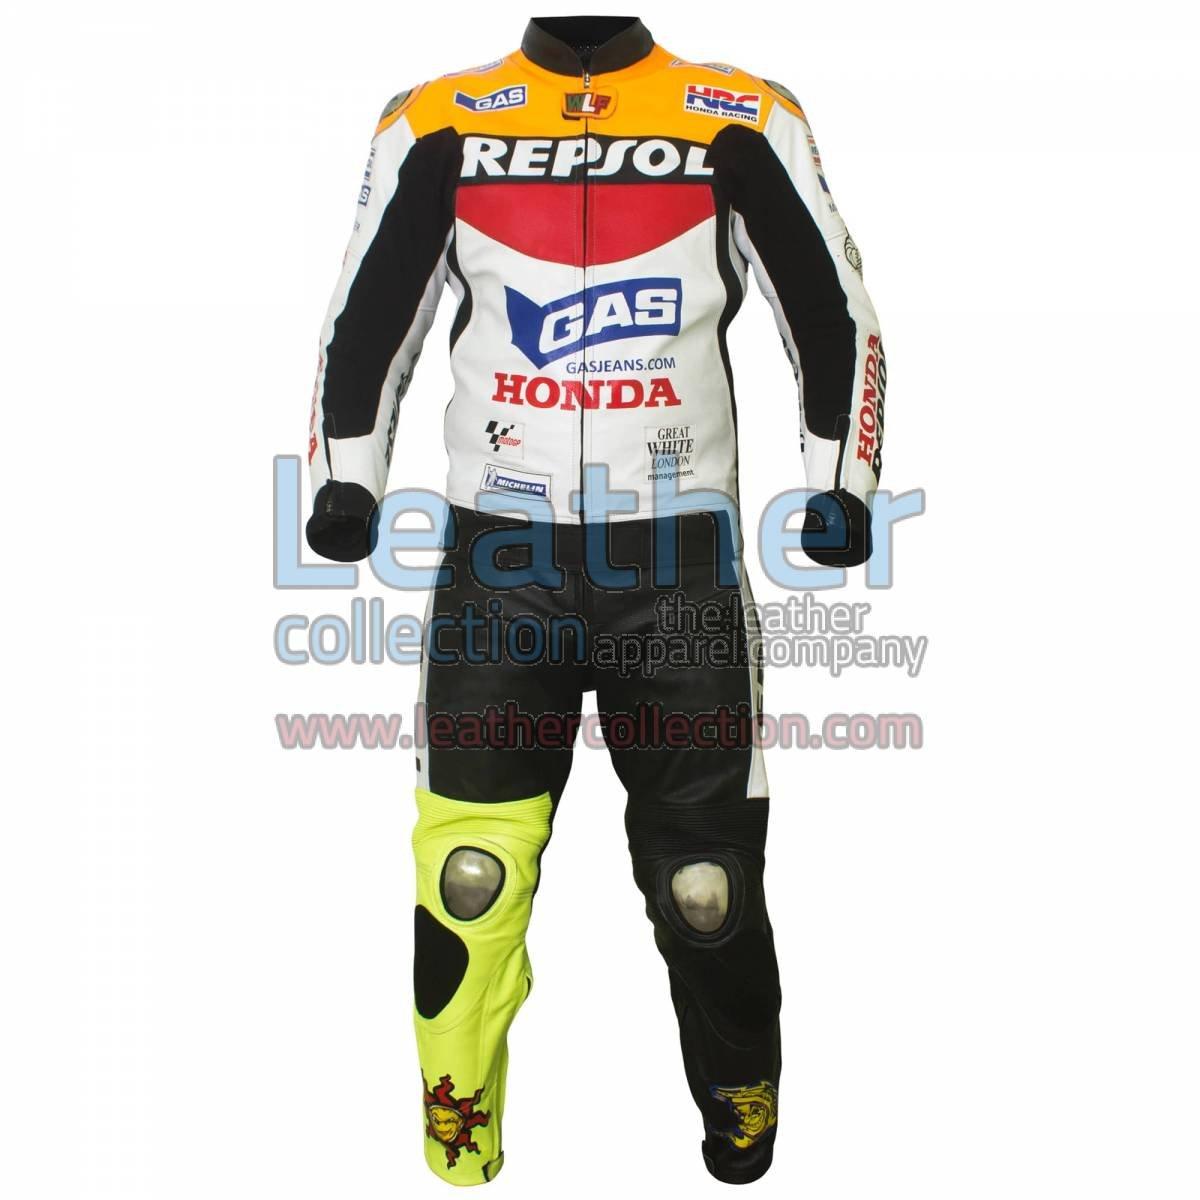 Valentino Rossi Repsol Honda MotoGP 2003 Leathers